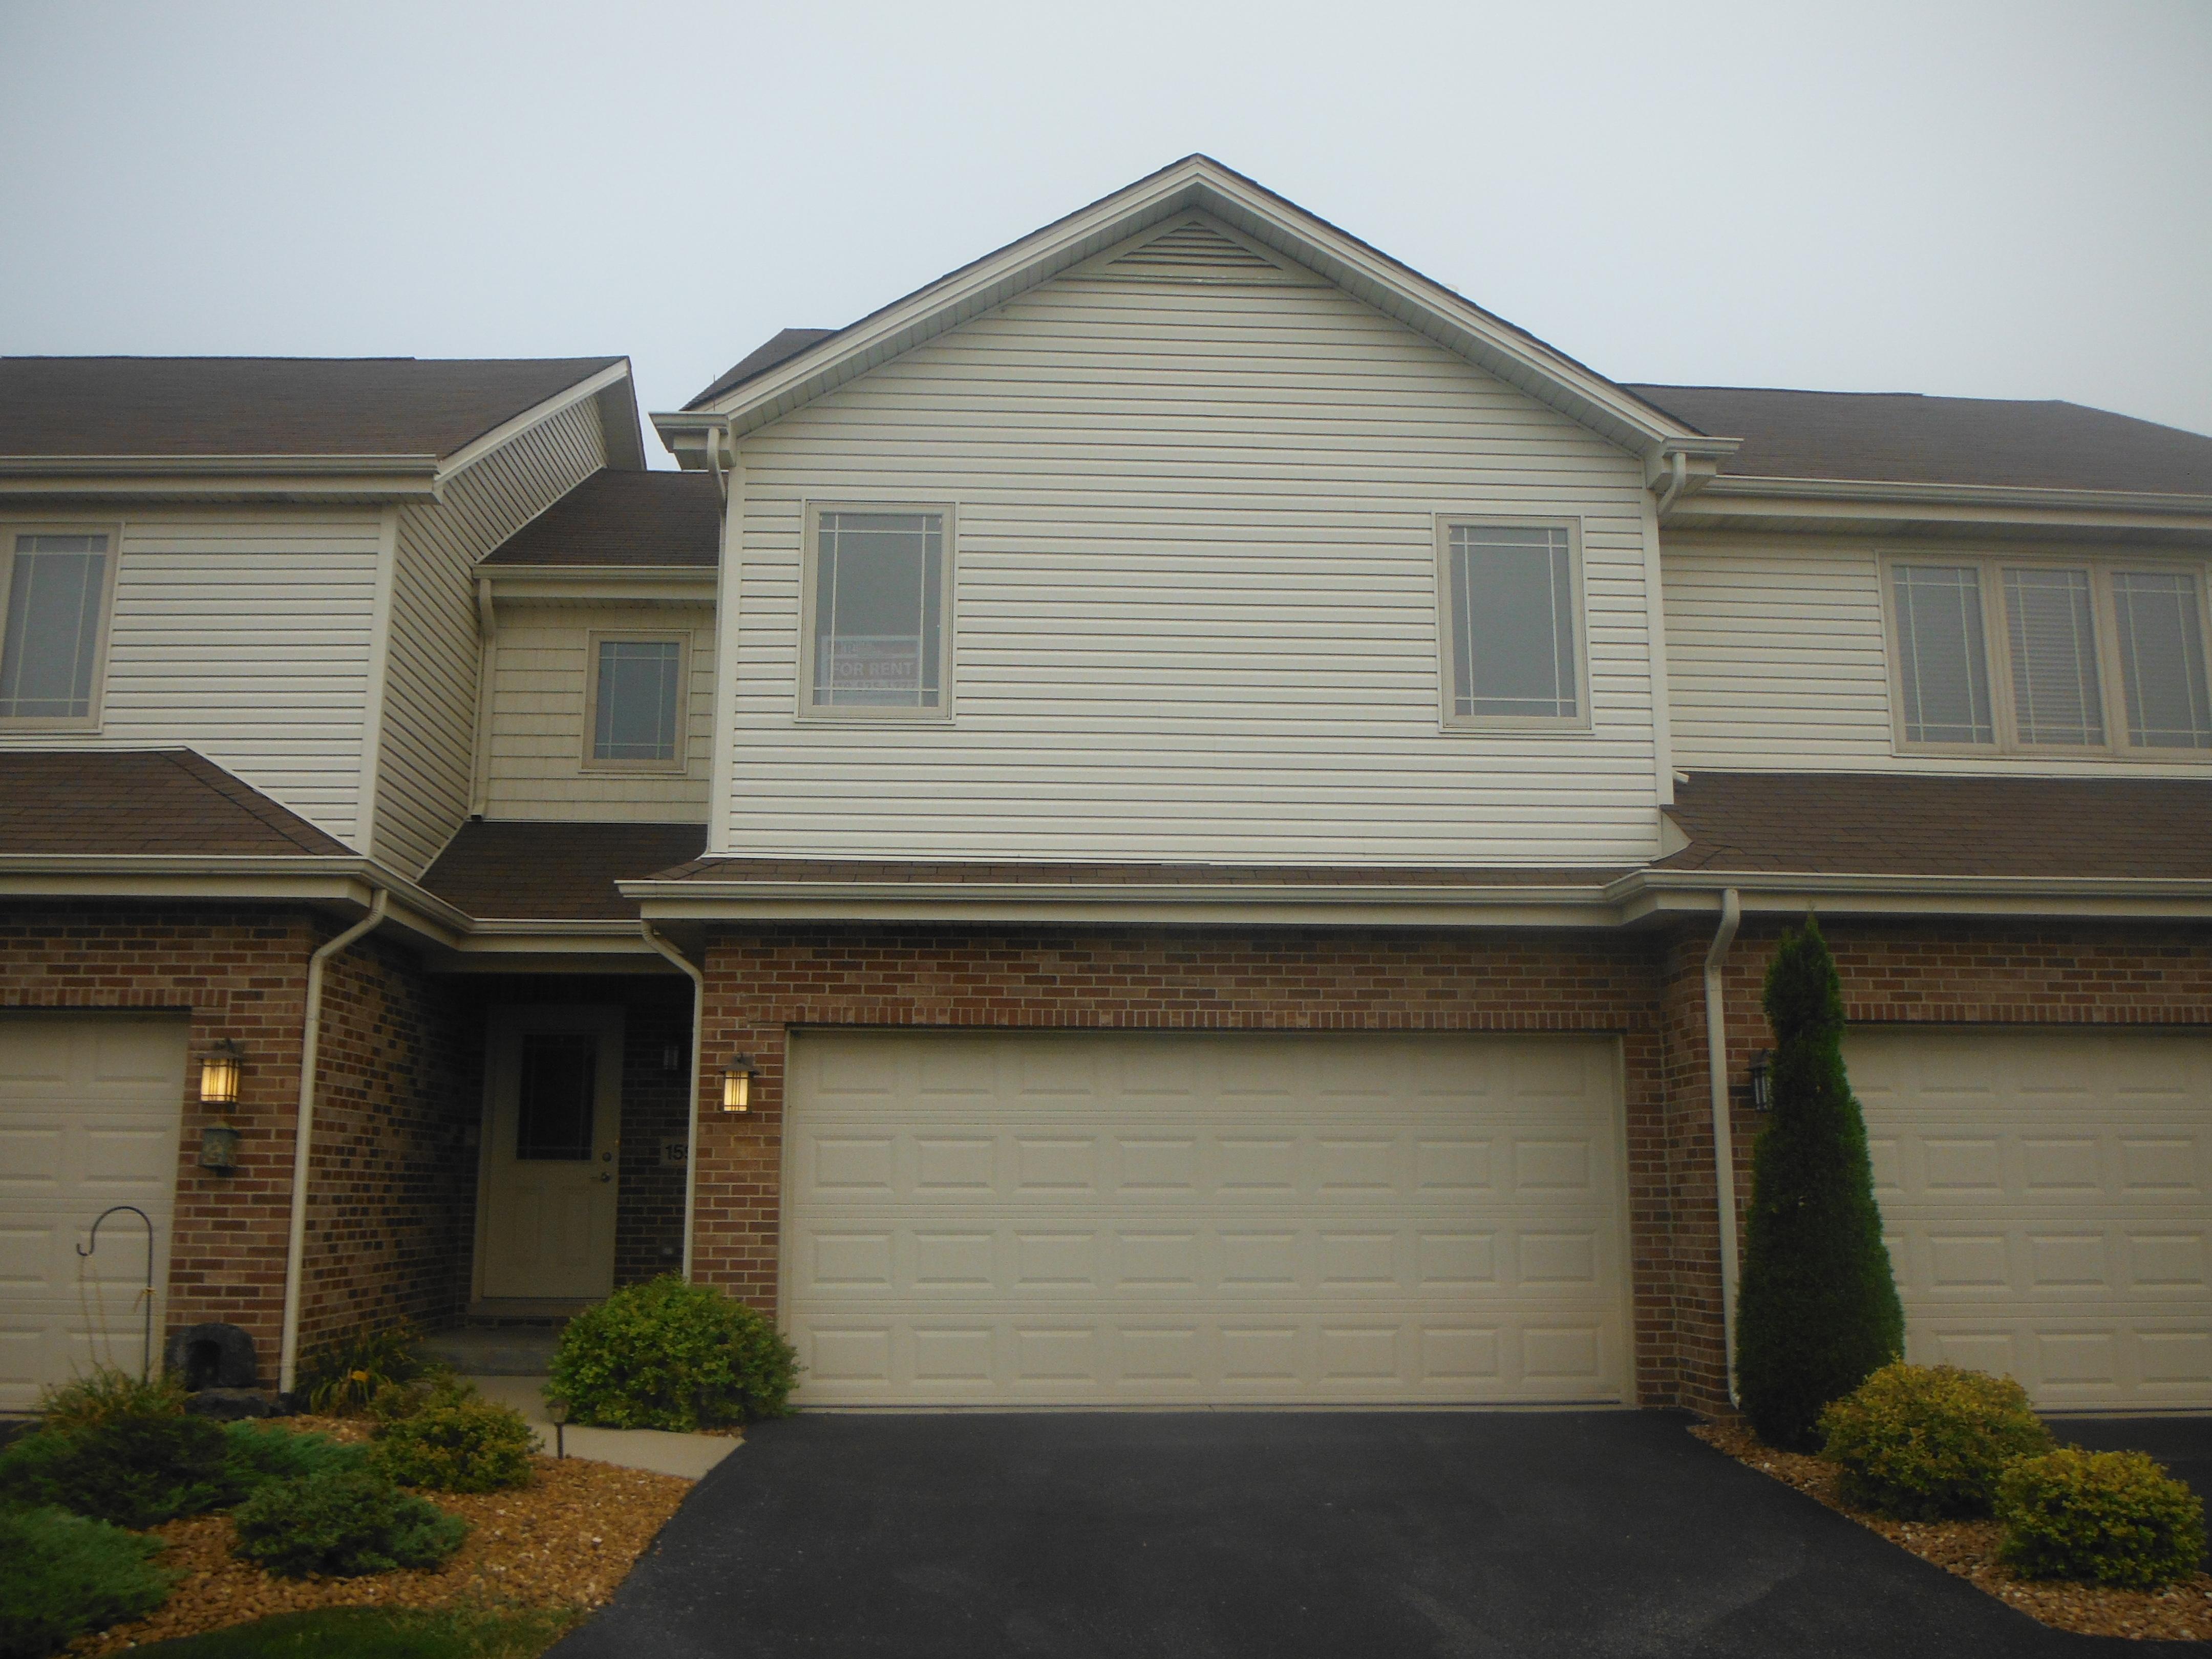 Real Property Management Northwest Indiana